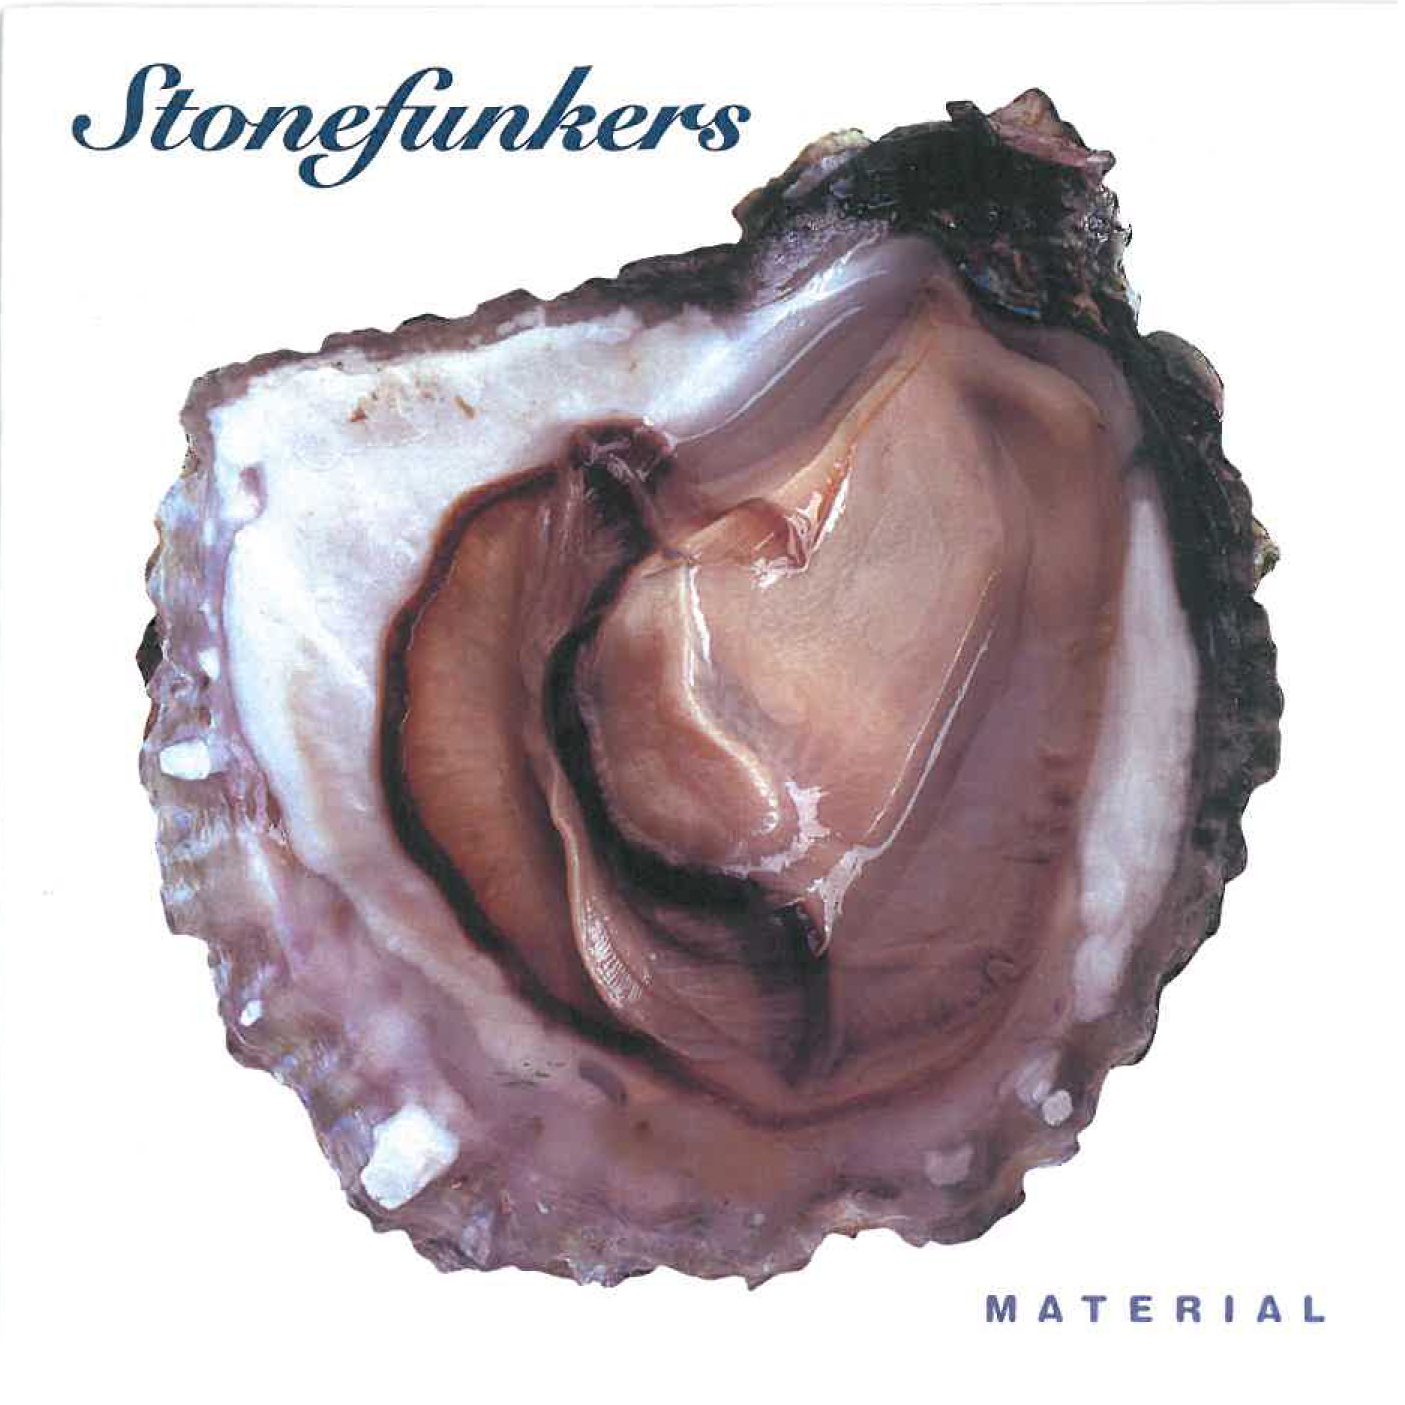 Stonefunkers_Material.jpg